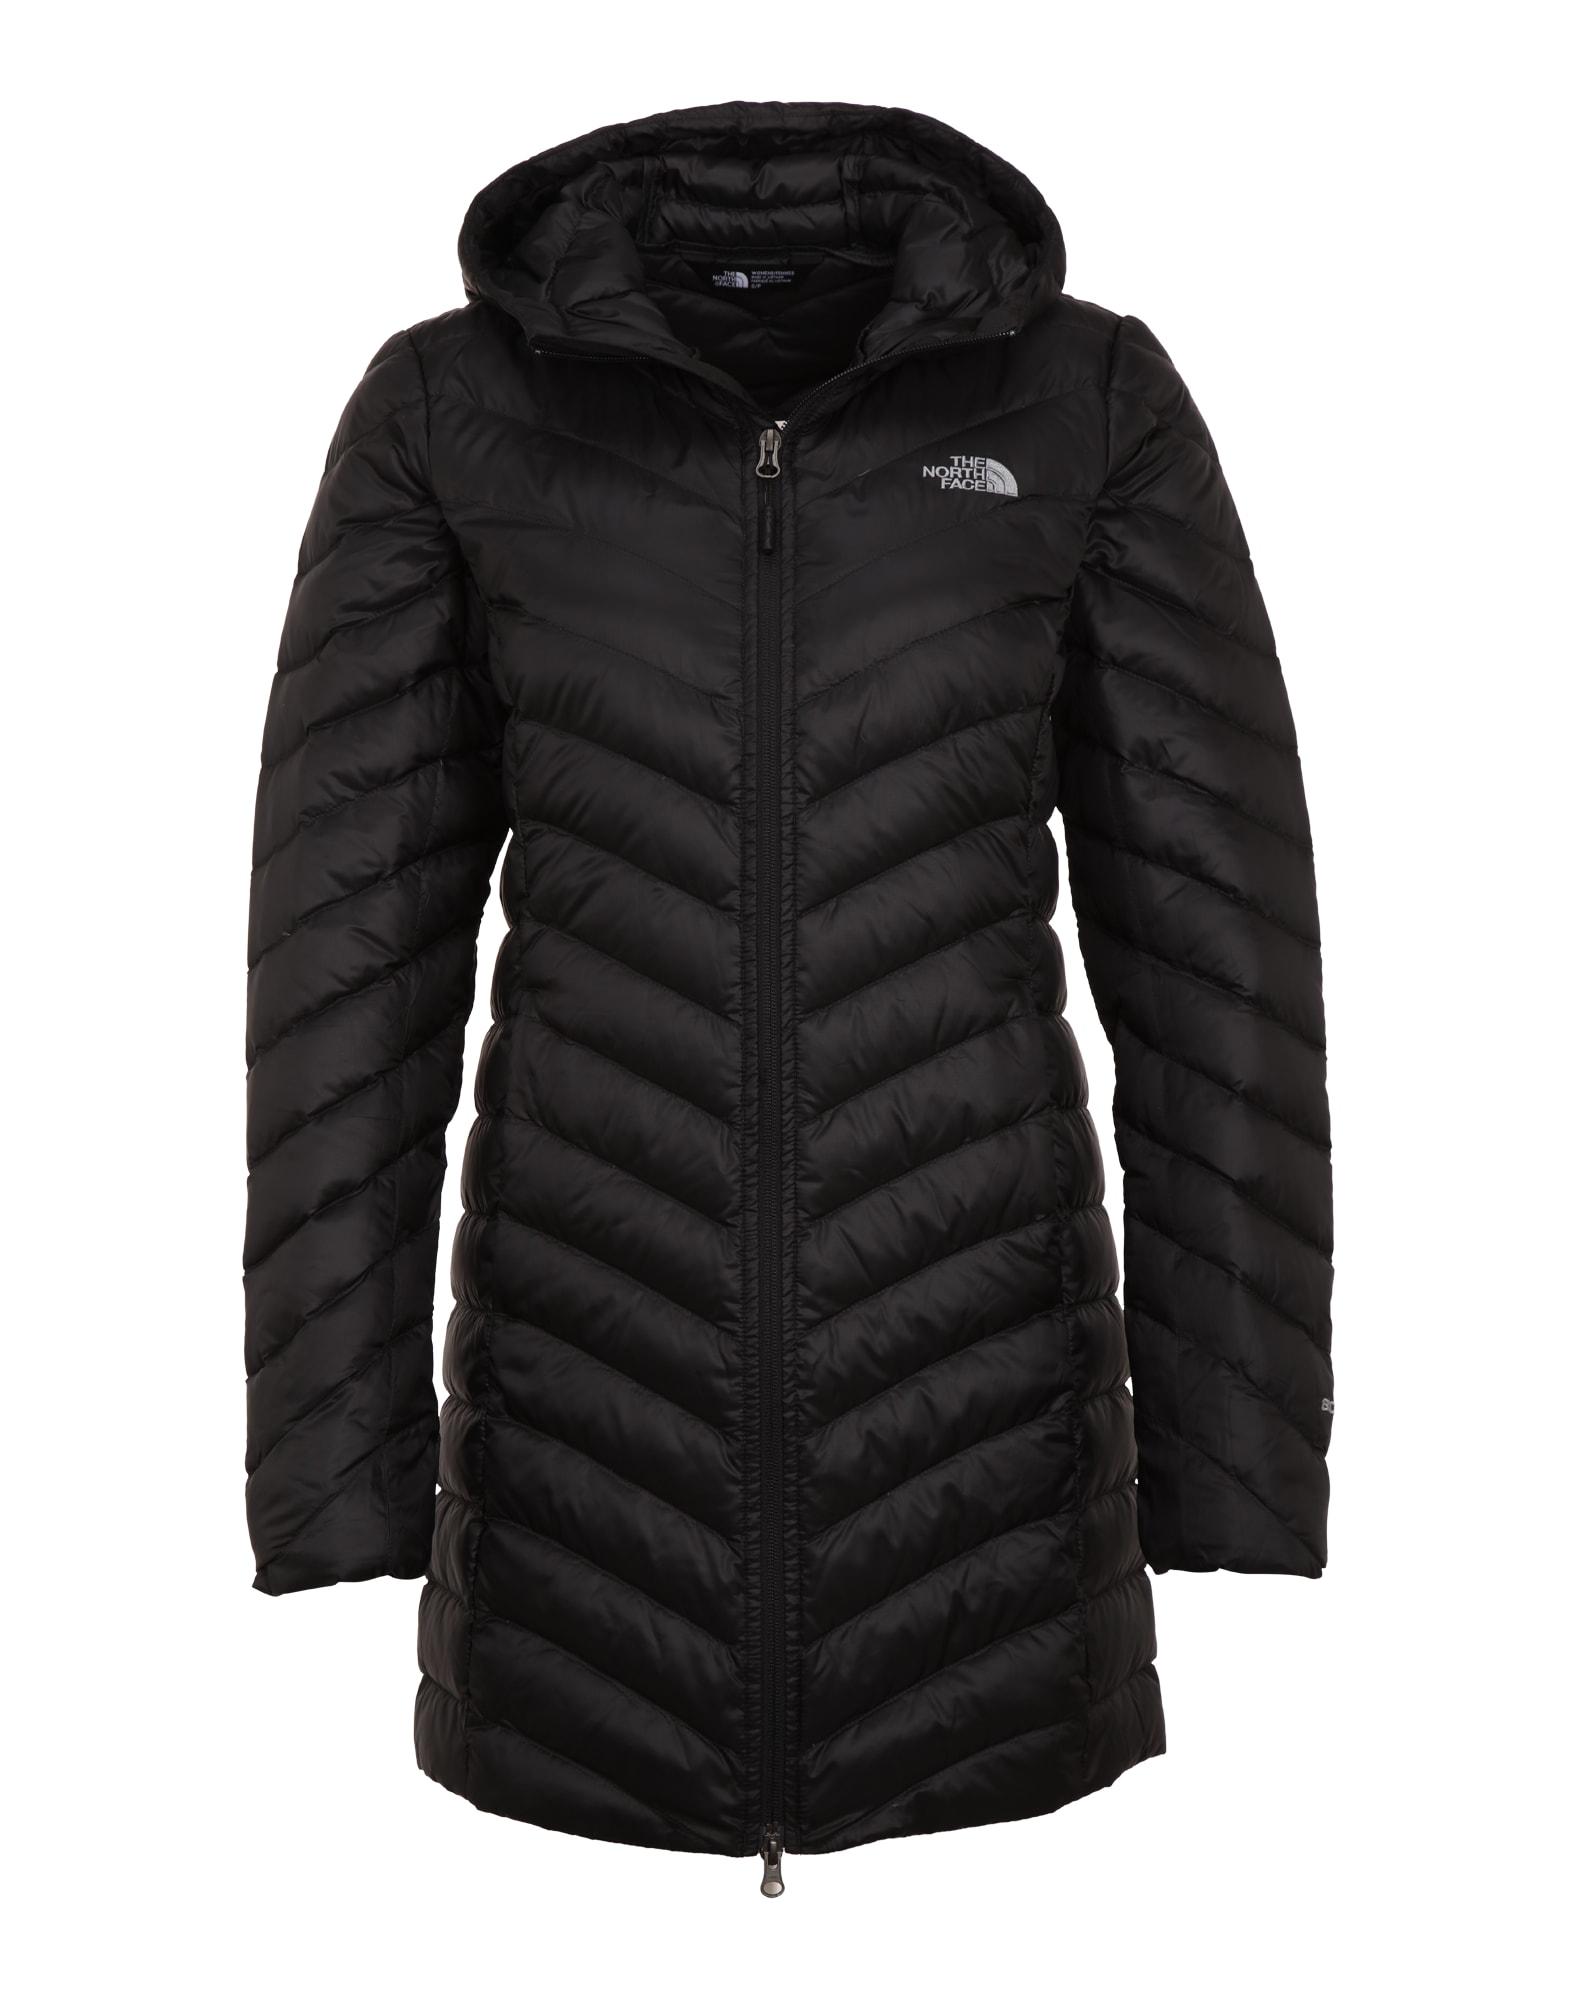 THE NORTH FACE Outdoorový kabát 'Trevail'  černá